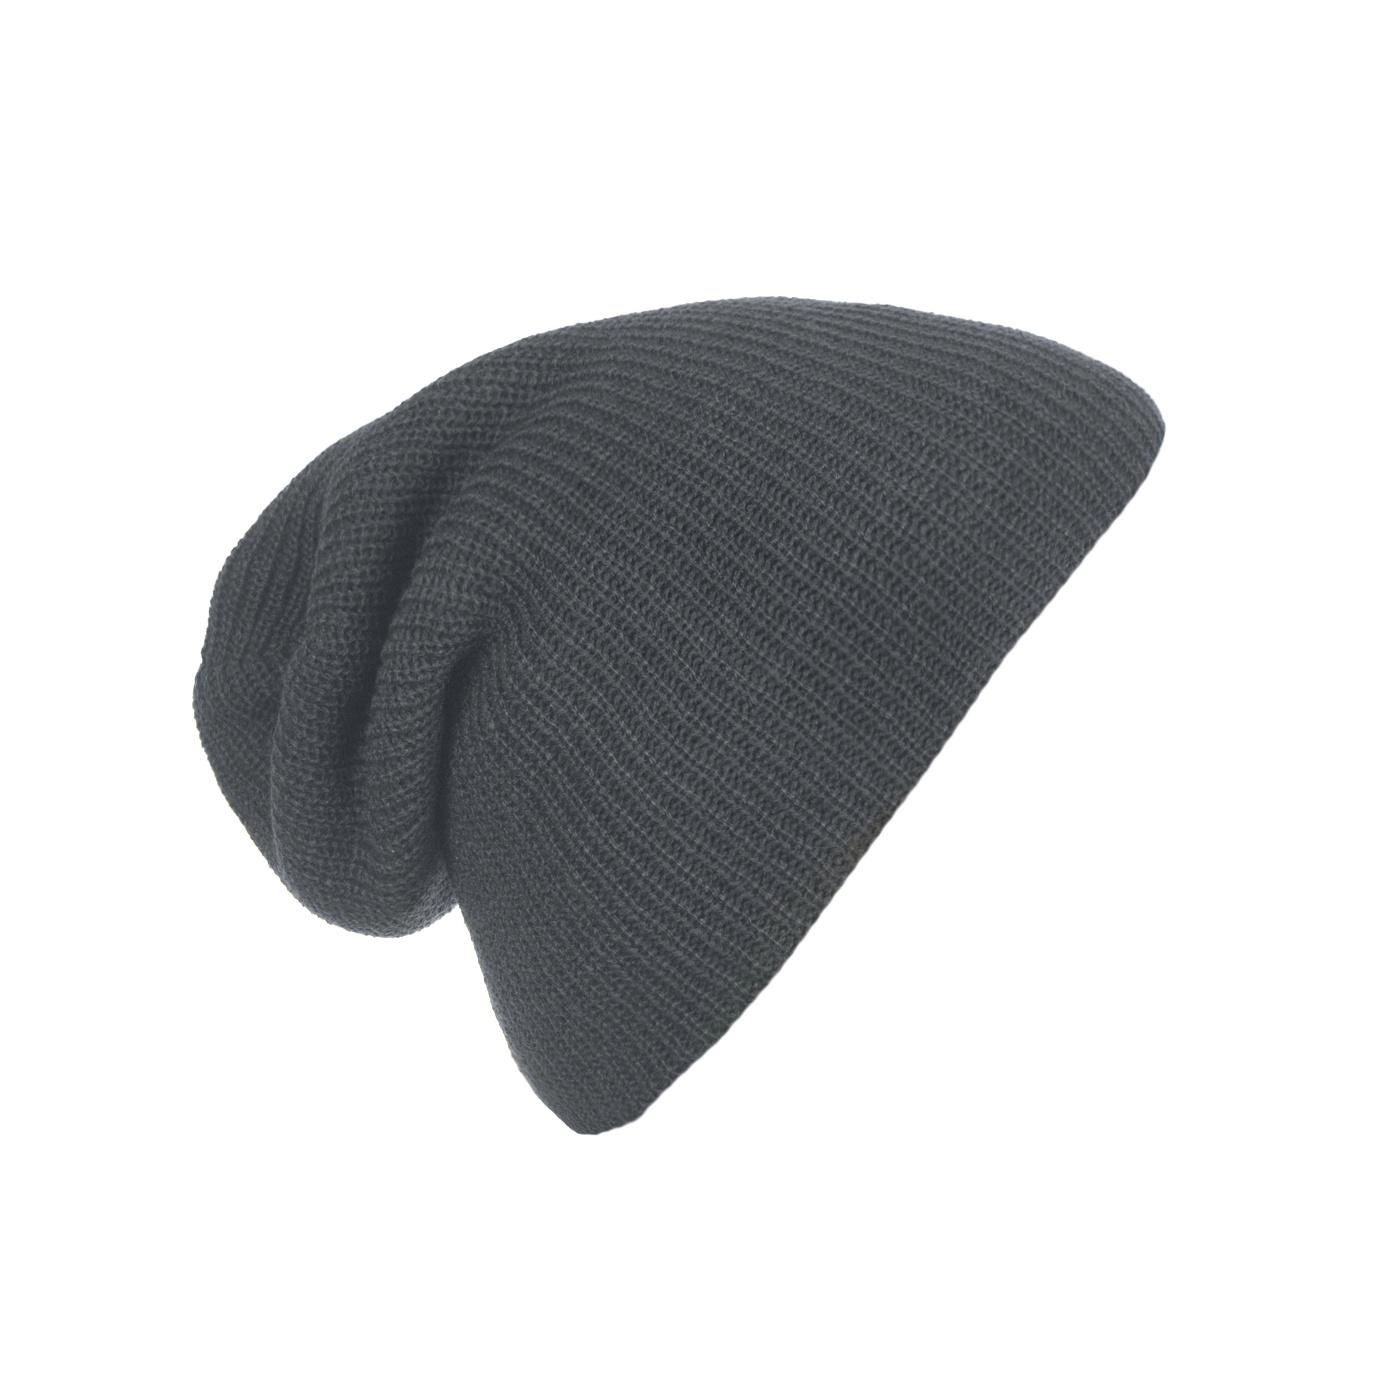 Męska czapka beanie w prązki 3w1 - grafitowa